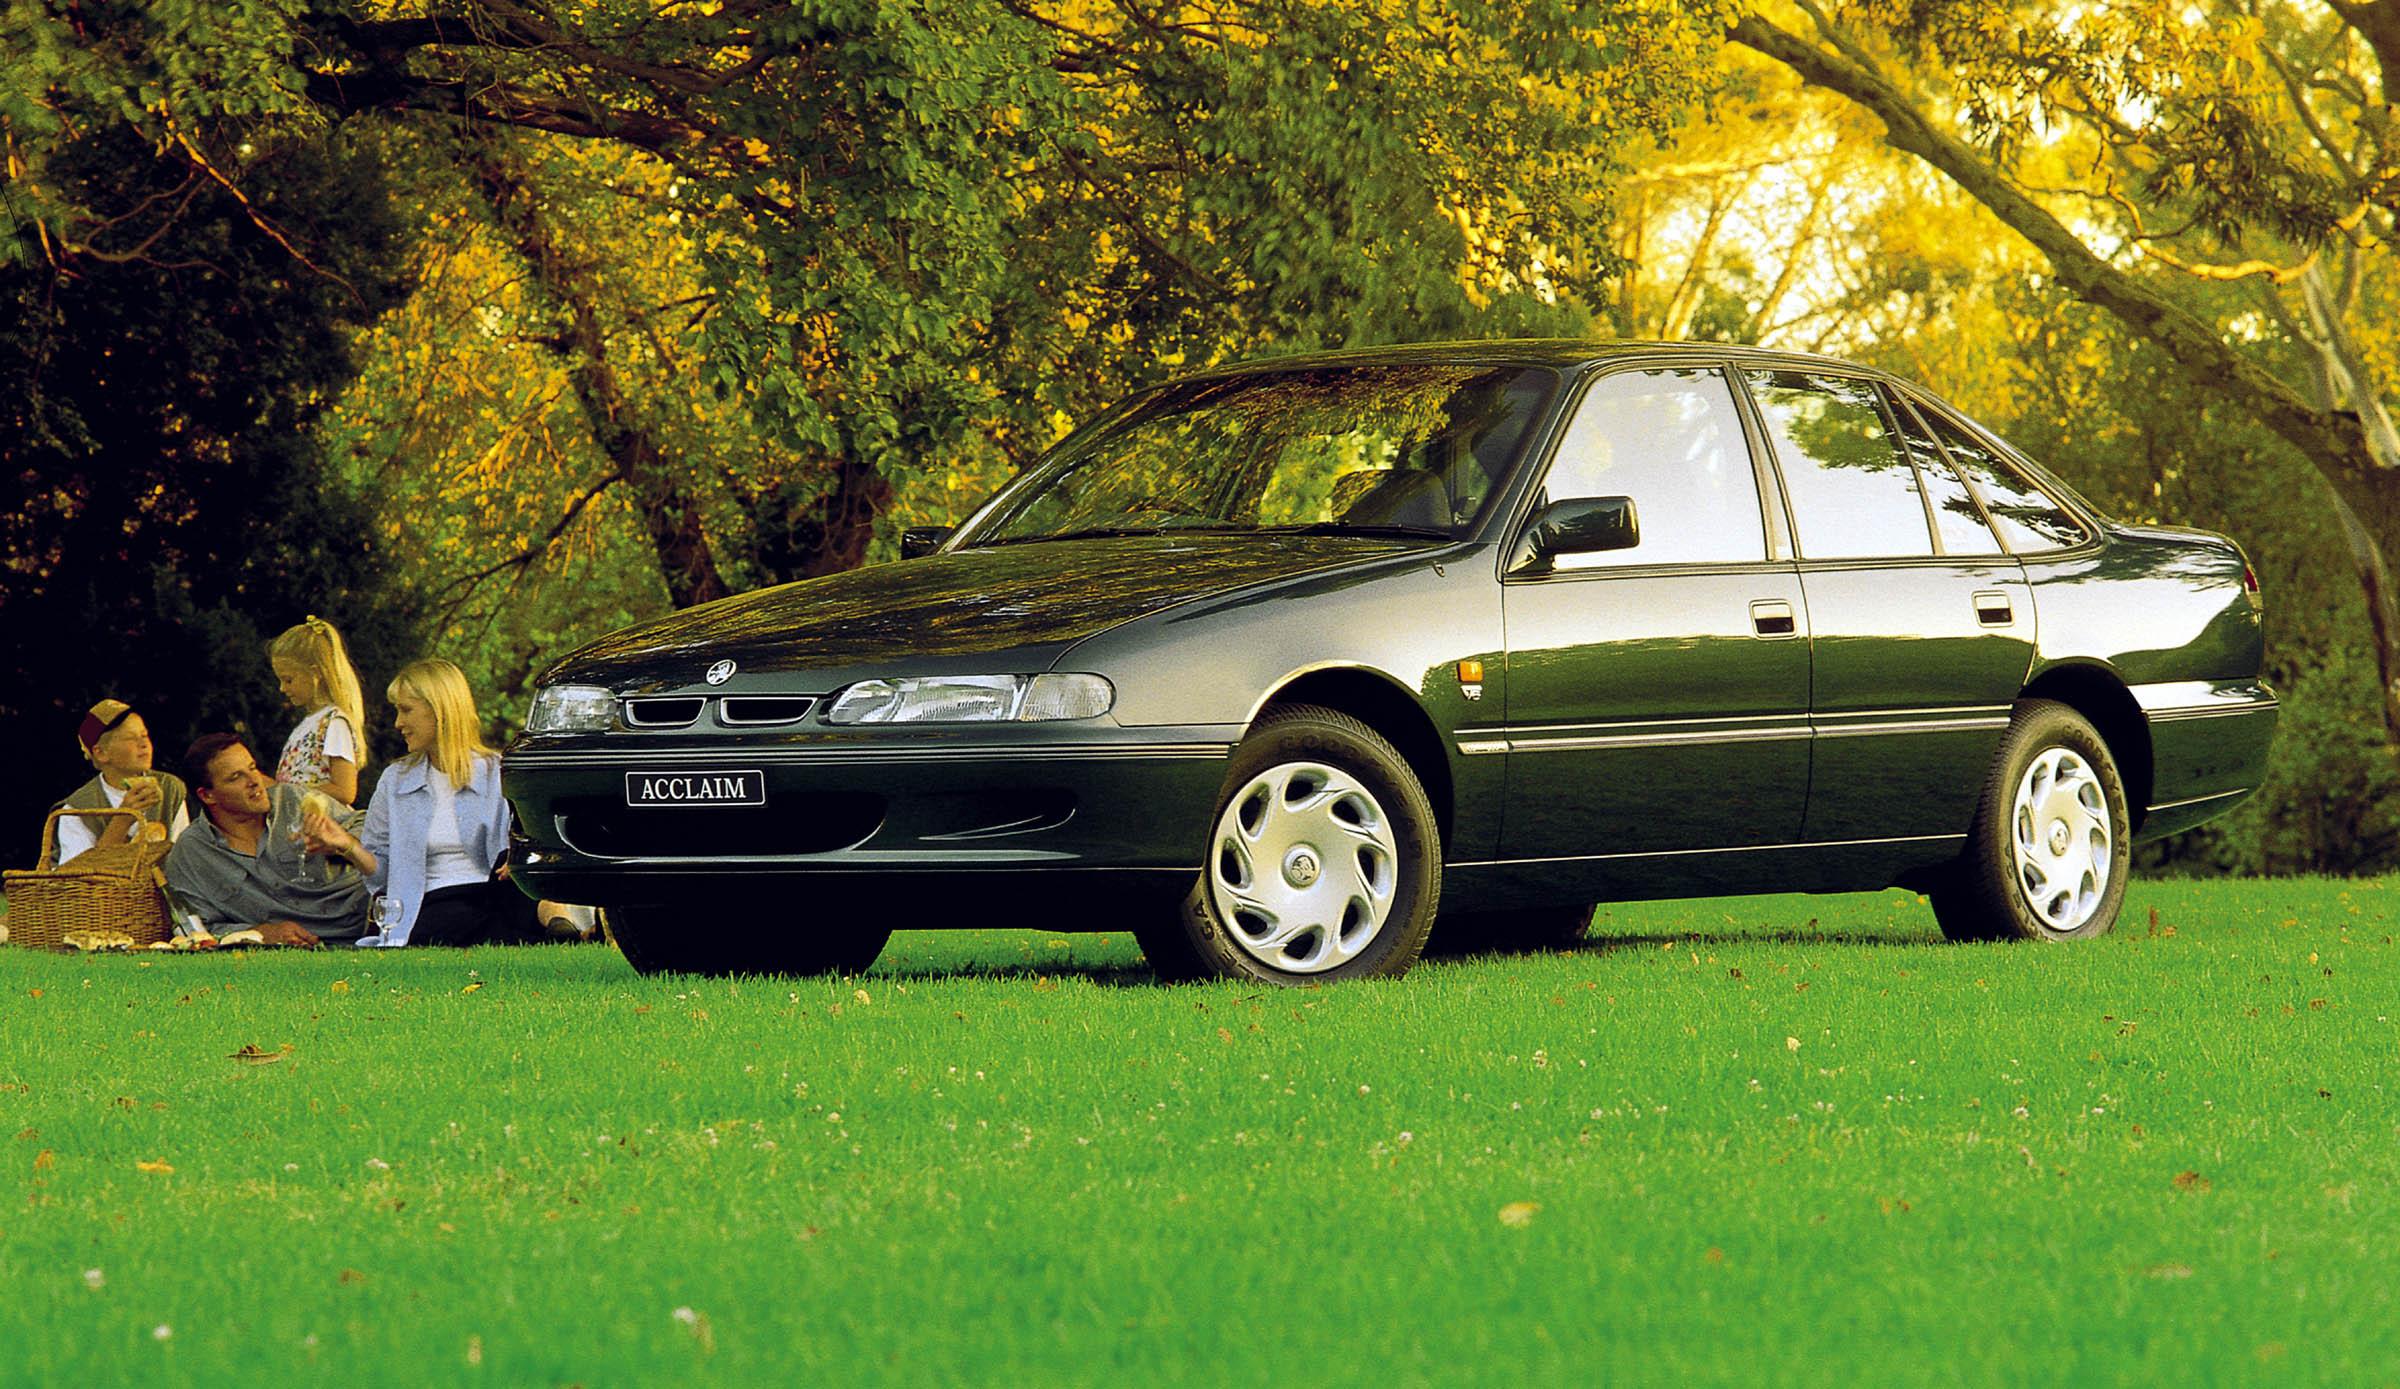 VS Holden Commodore (1995-1997)